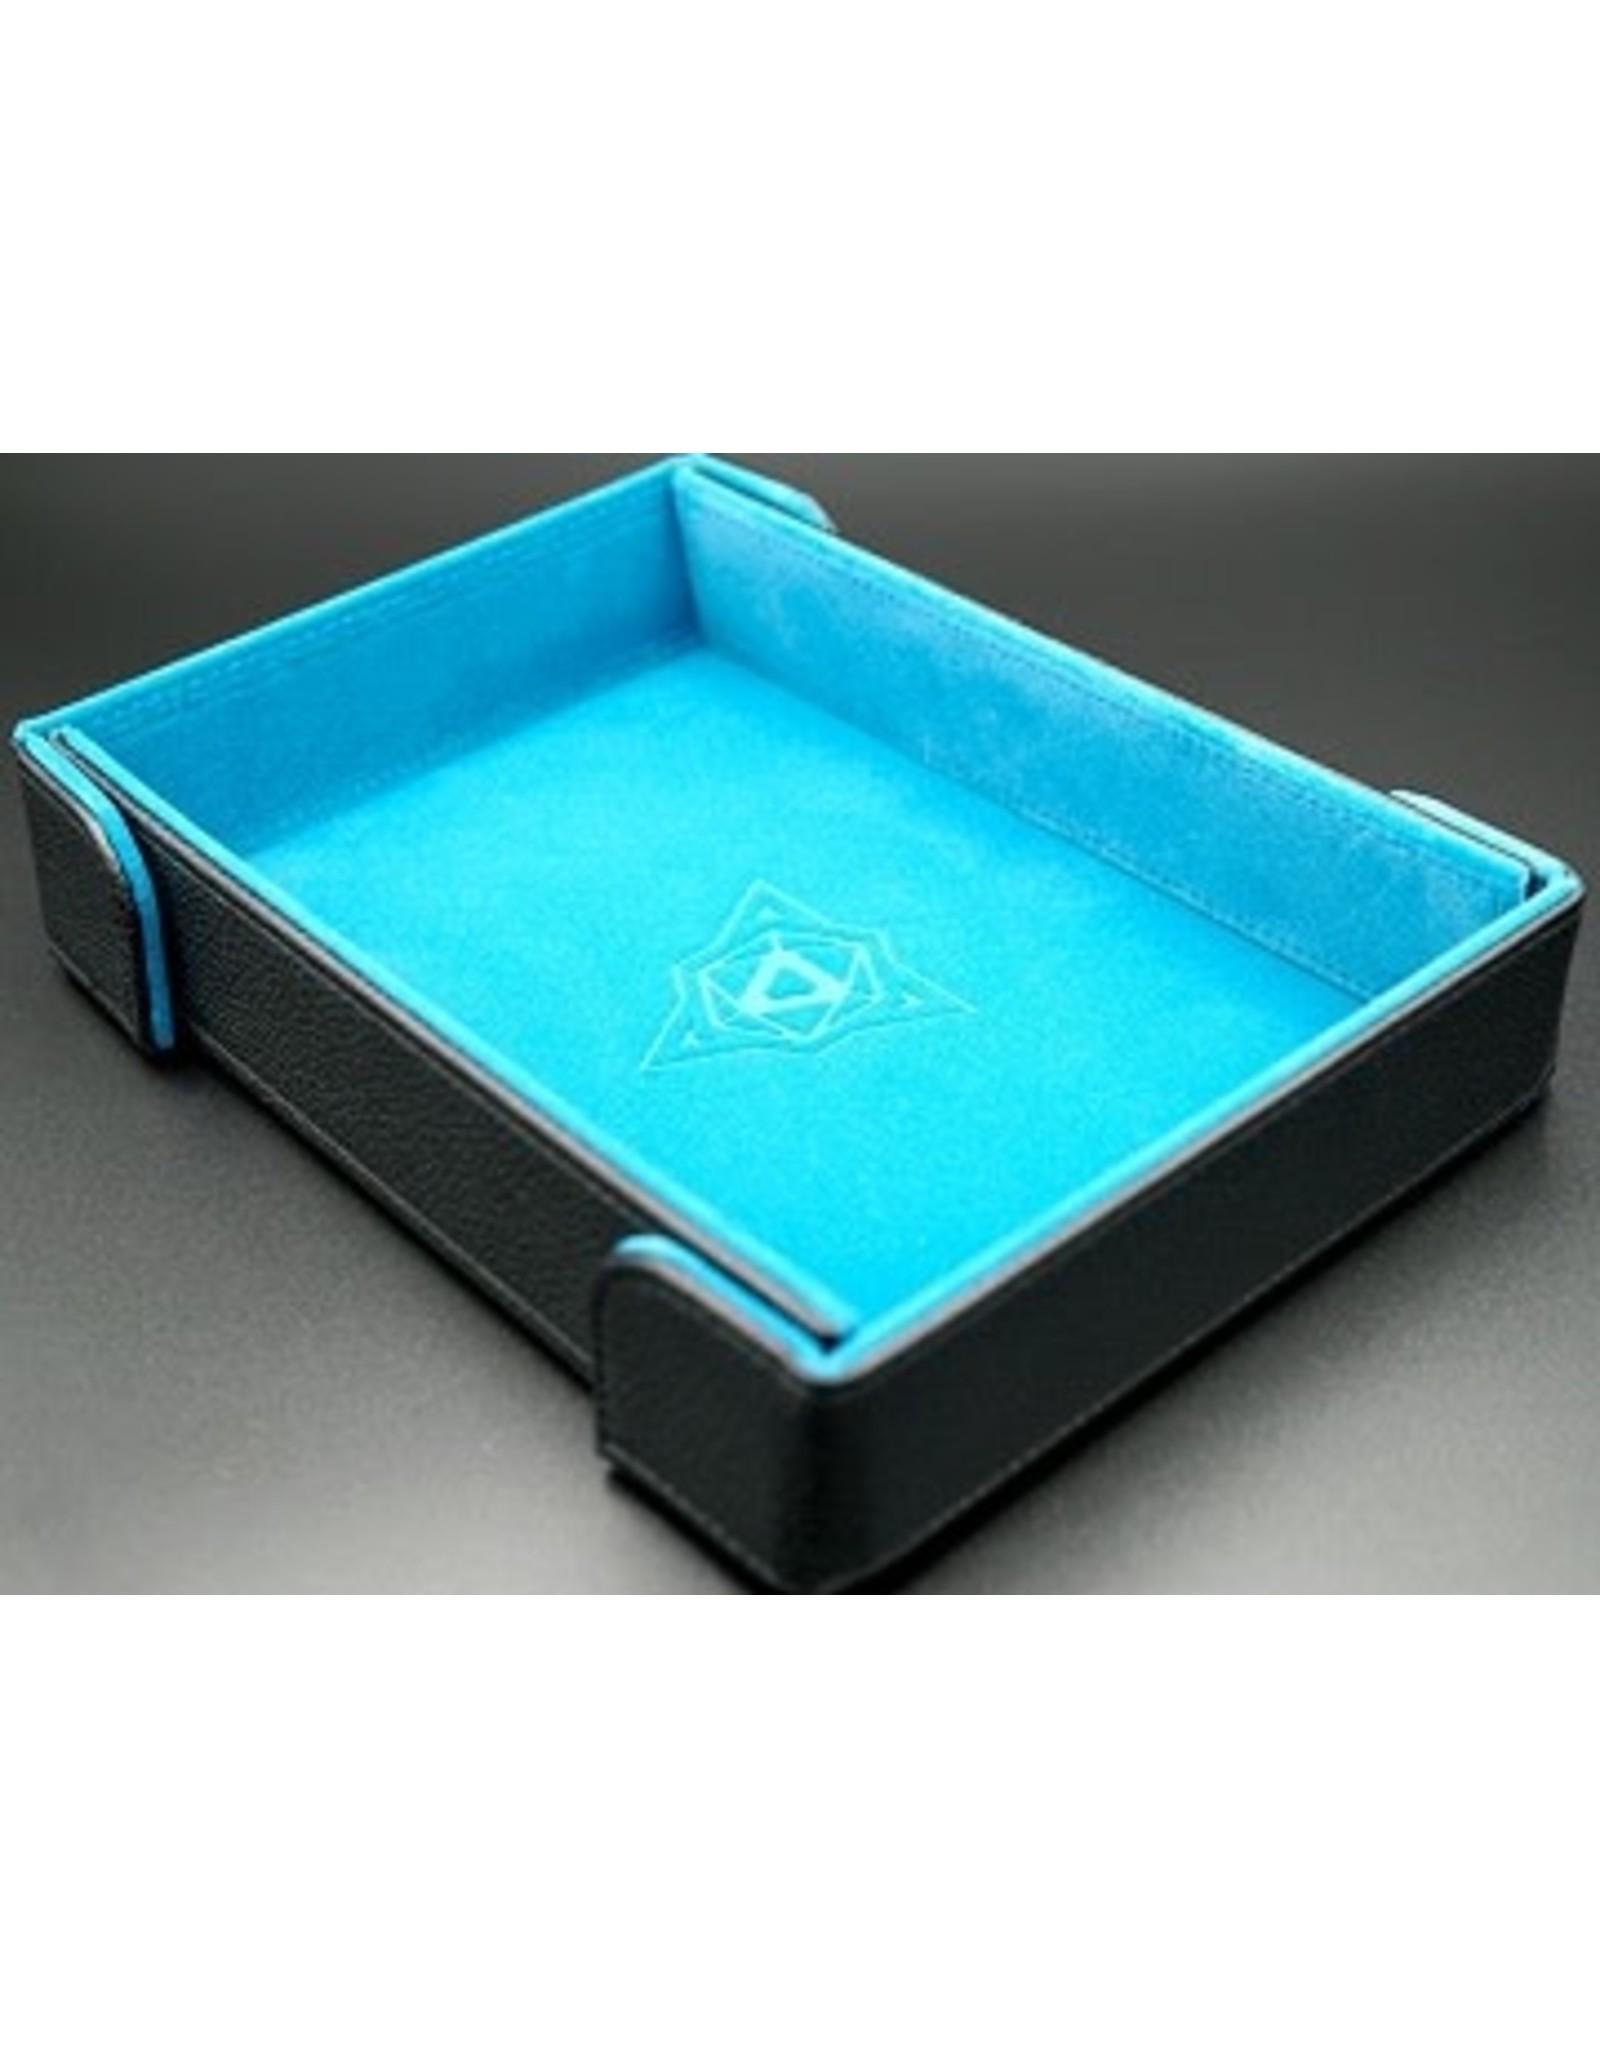 Die Hard Dice Die Hard Magnetic Rectangle Tray